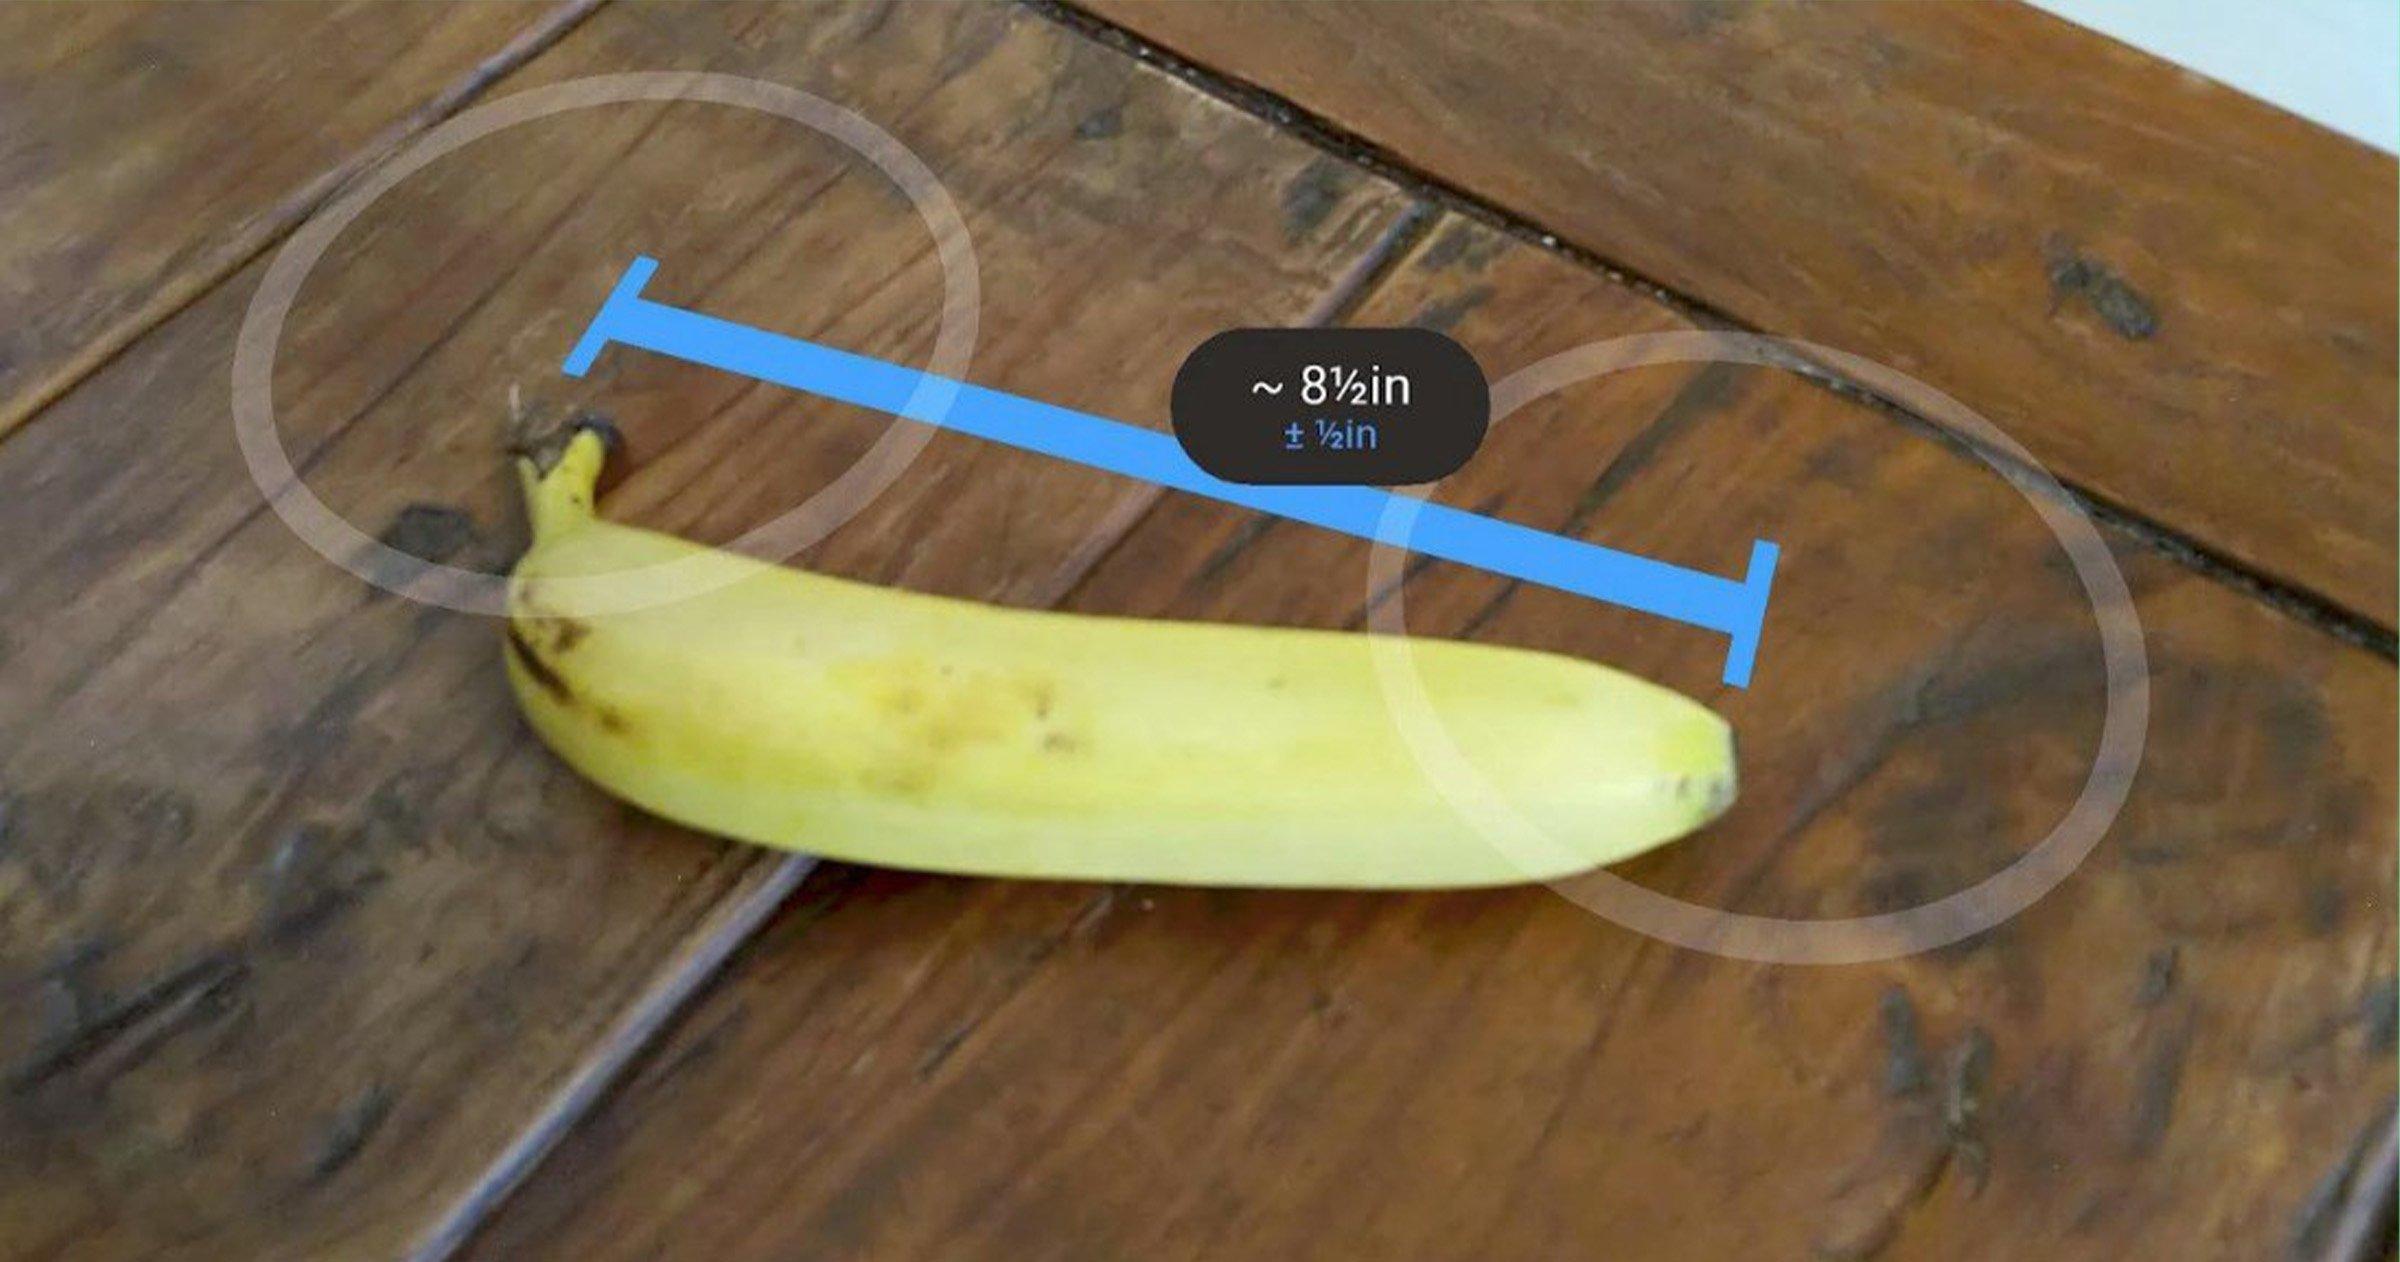 Measure, l'appli Google pour mesurer des objets en réalité augmentée